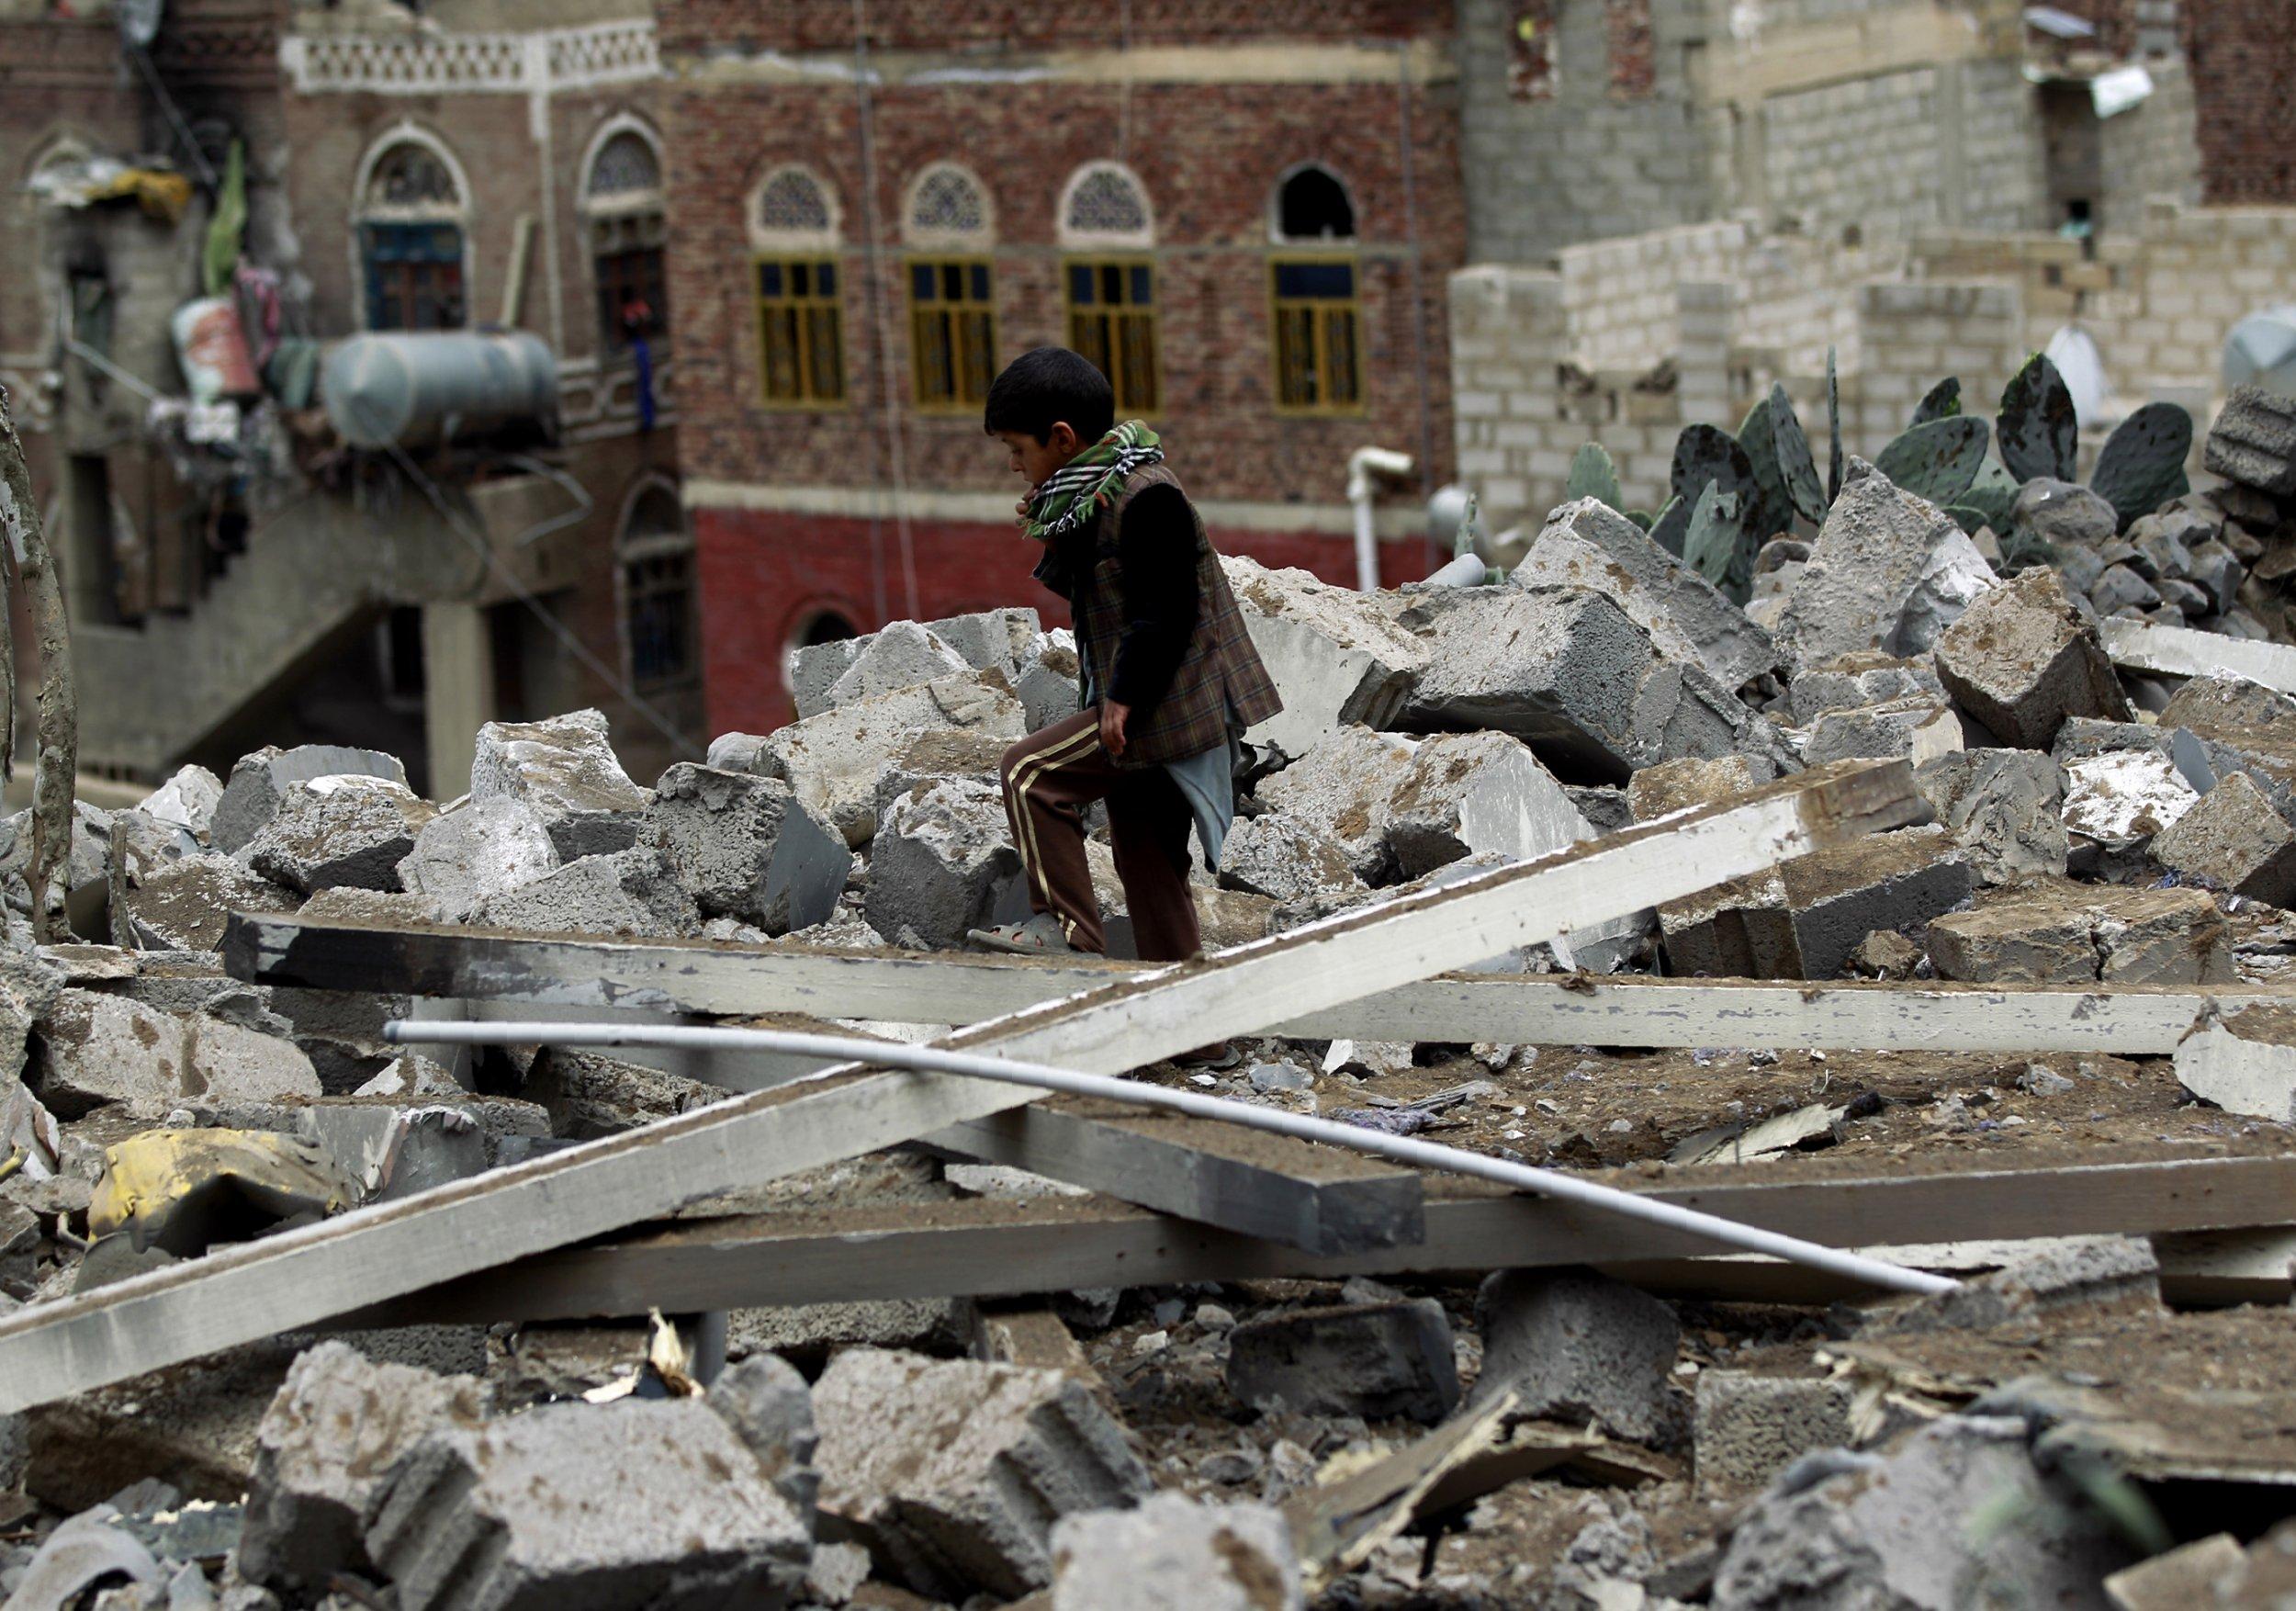 Yemen rubble